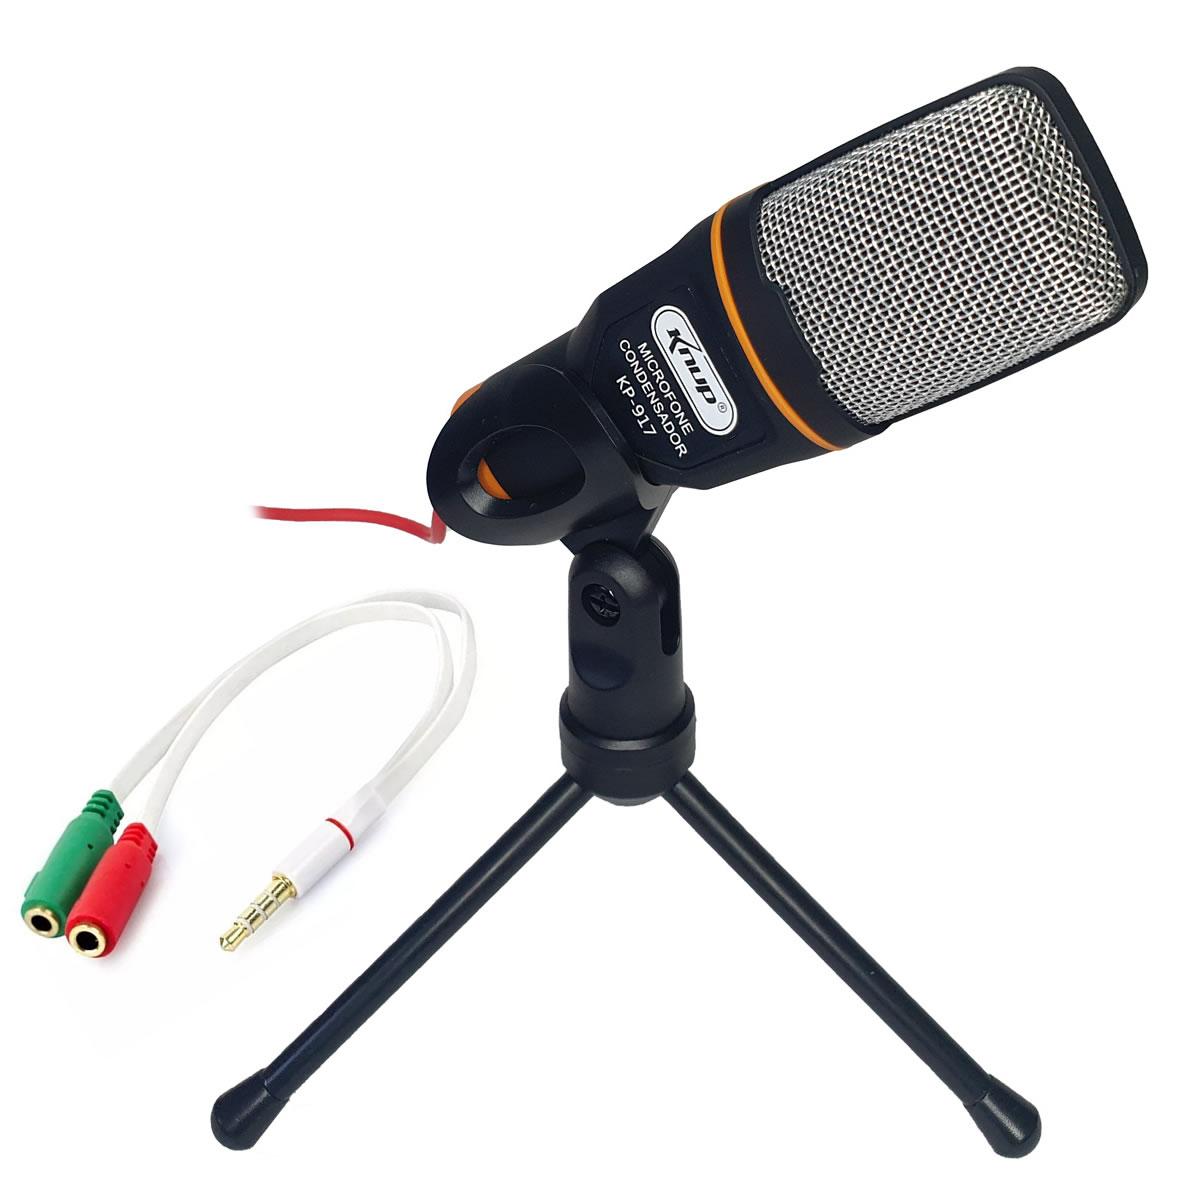 Kit Microfone com Tripé de mesa e Adaptador para Celular